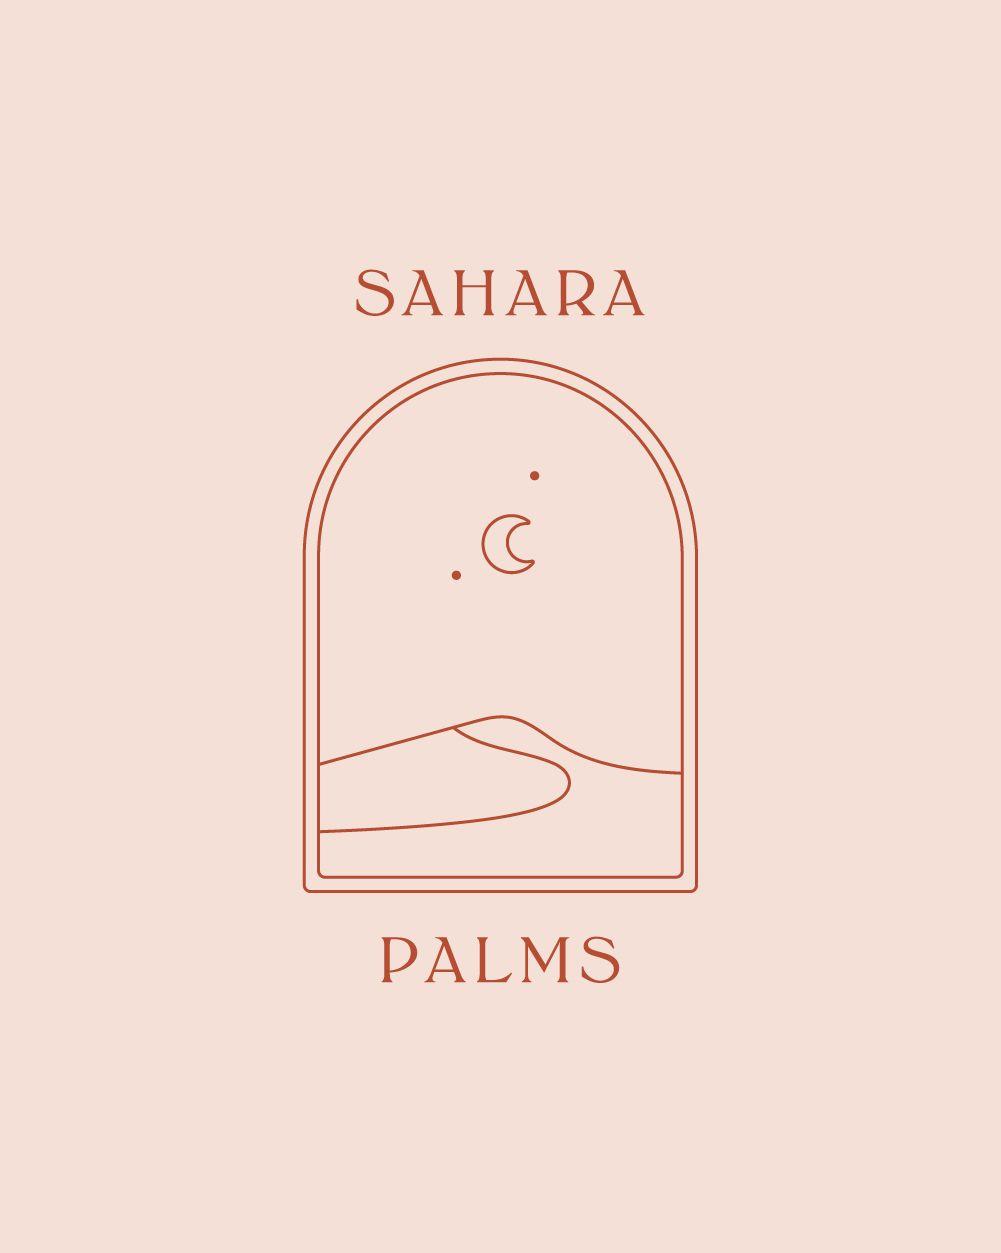 Sahara Palms - Now or Never Design Studio - Branding and Design